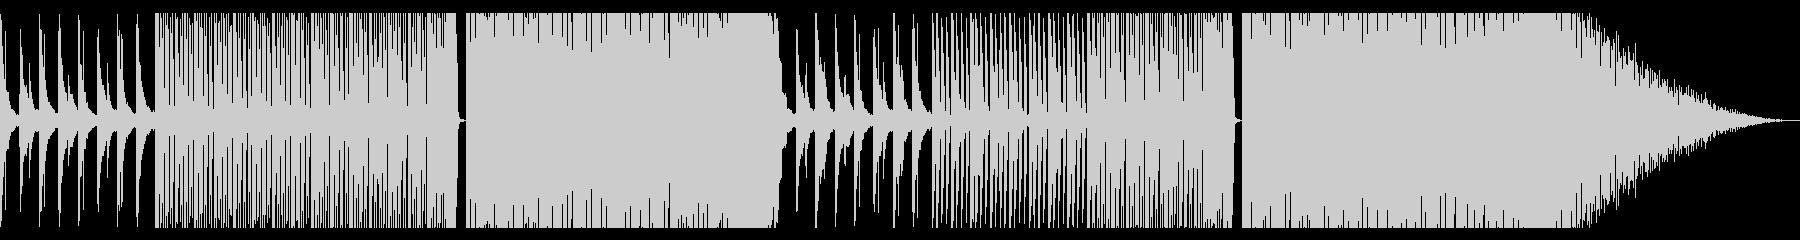 爽やか/トロピカルポップ_No389の未再生の波形